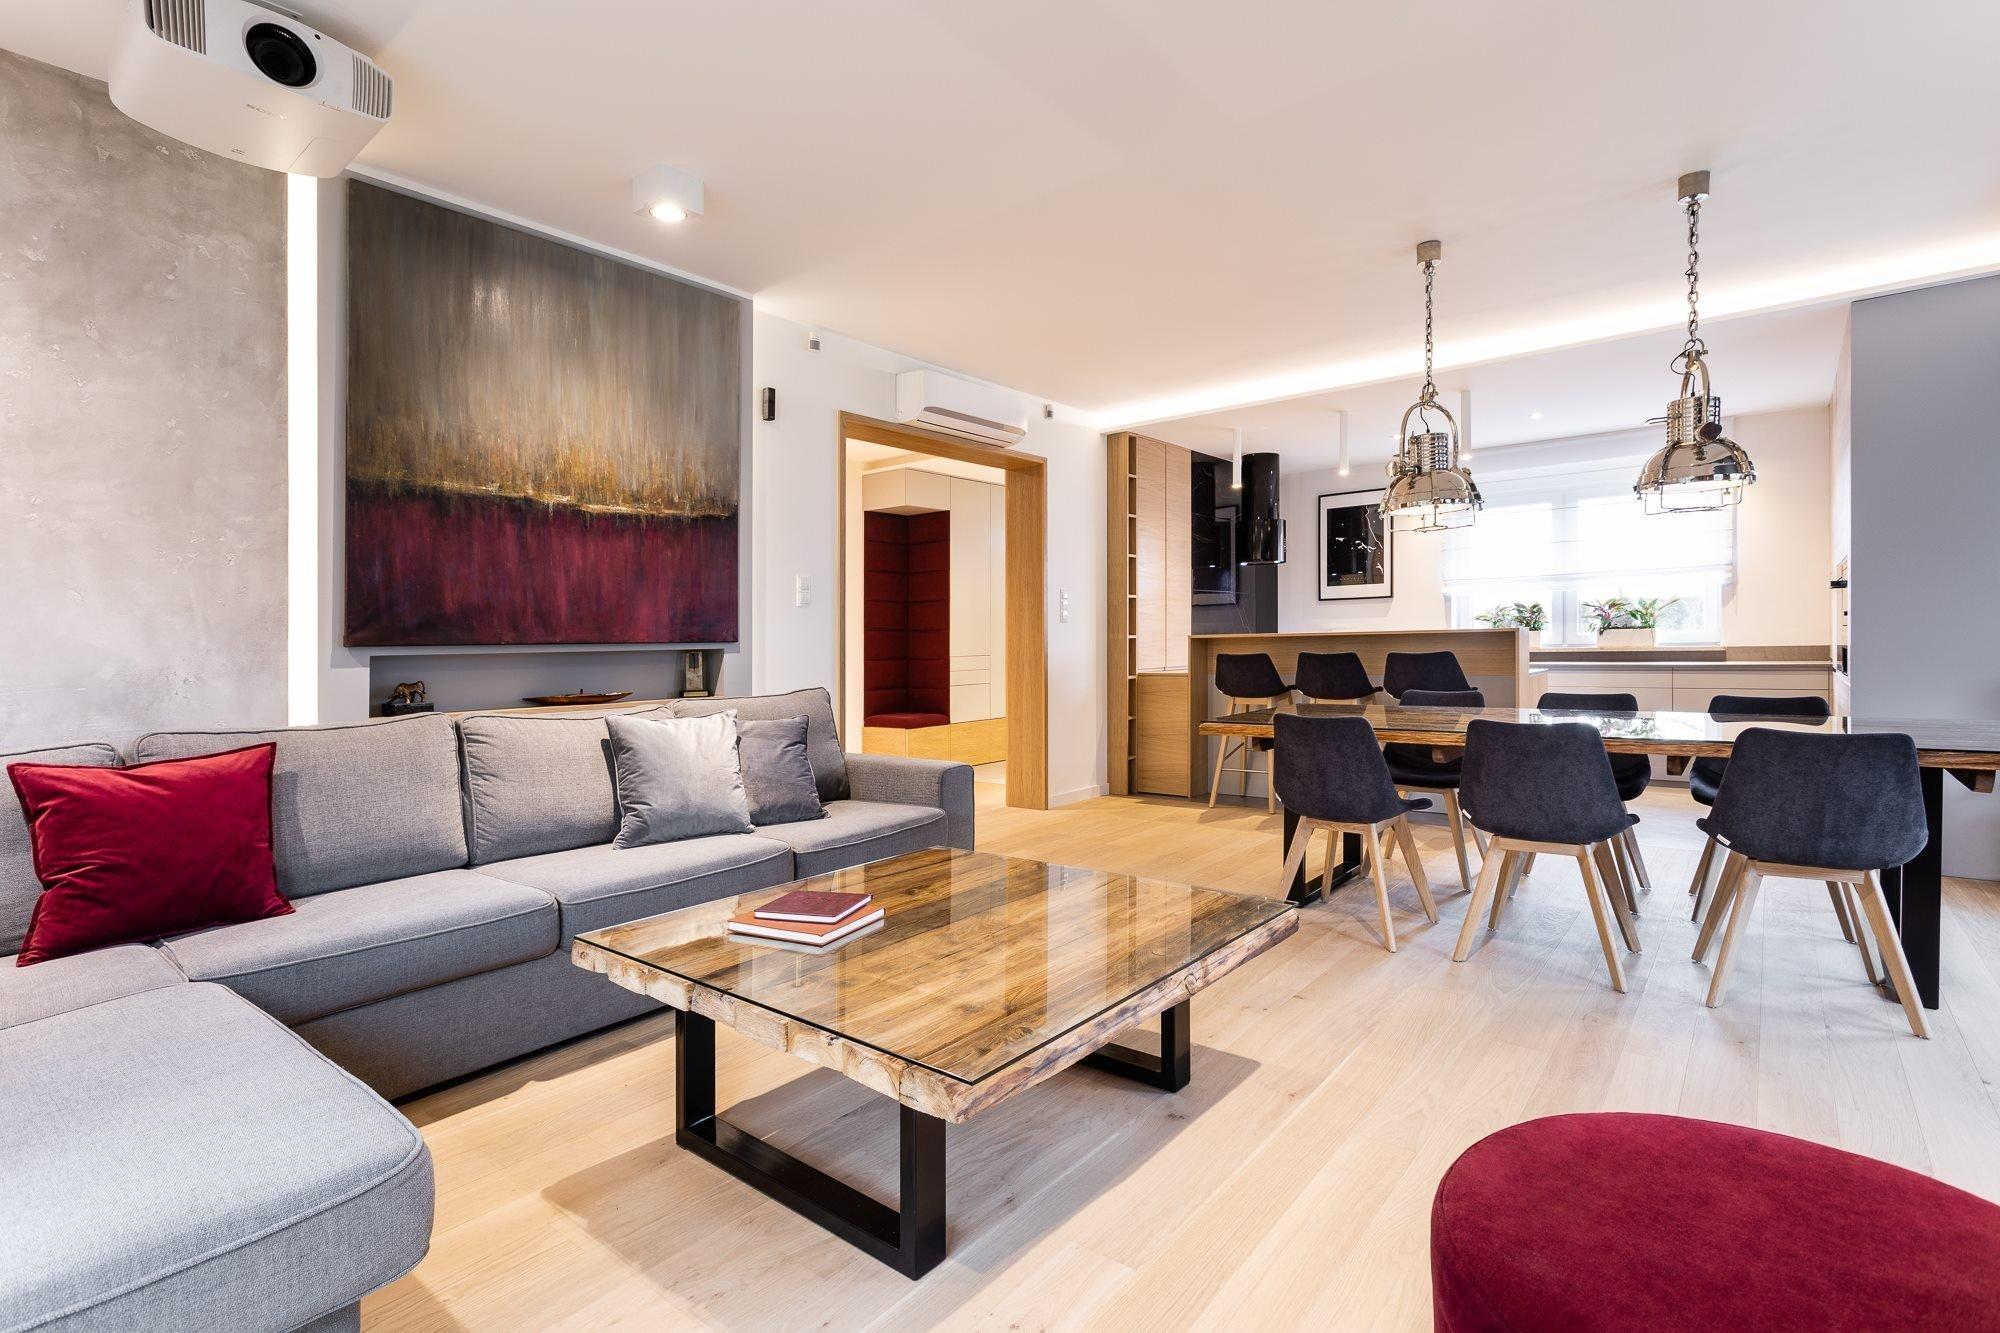 Půvabný interiér v retro stylu najdeme v jednom z bytů v Poznani. Jeho realizace se stala výzvou pro mladé, nadějné a kreativní architekty z polské architektonické společnosti Studio Projektowe Motiv. Elegantní interiér s příjemnými přechody barev a rozmanitostí materiálů vykazuje čilou osobitost a styl.